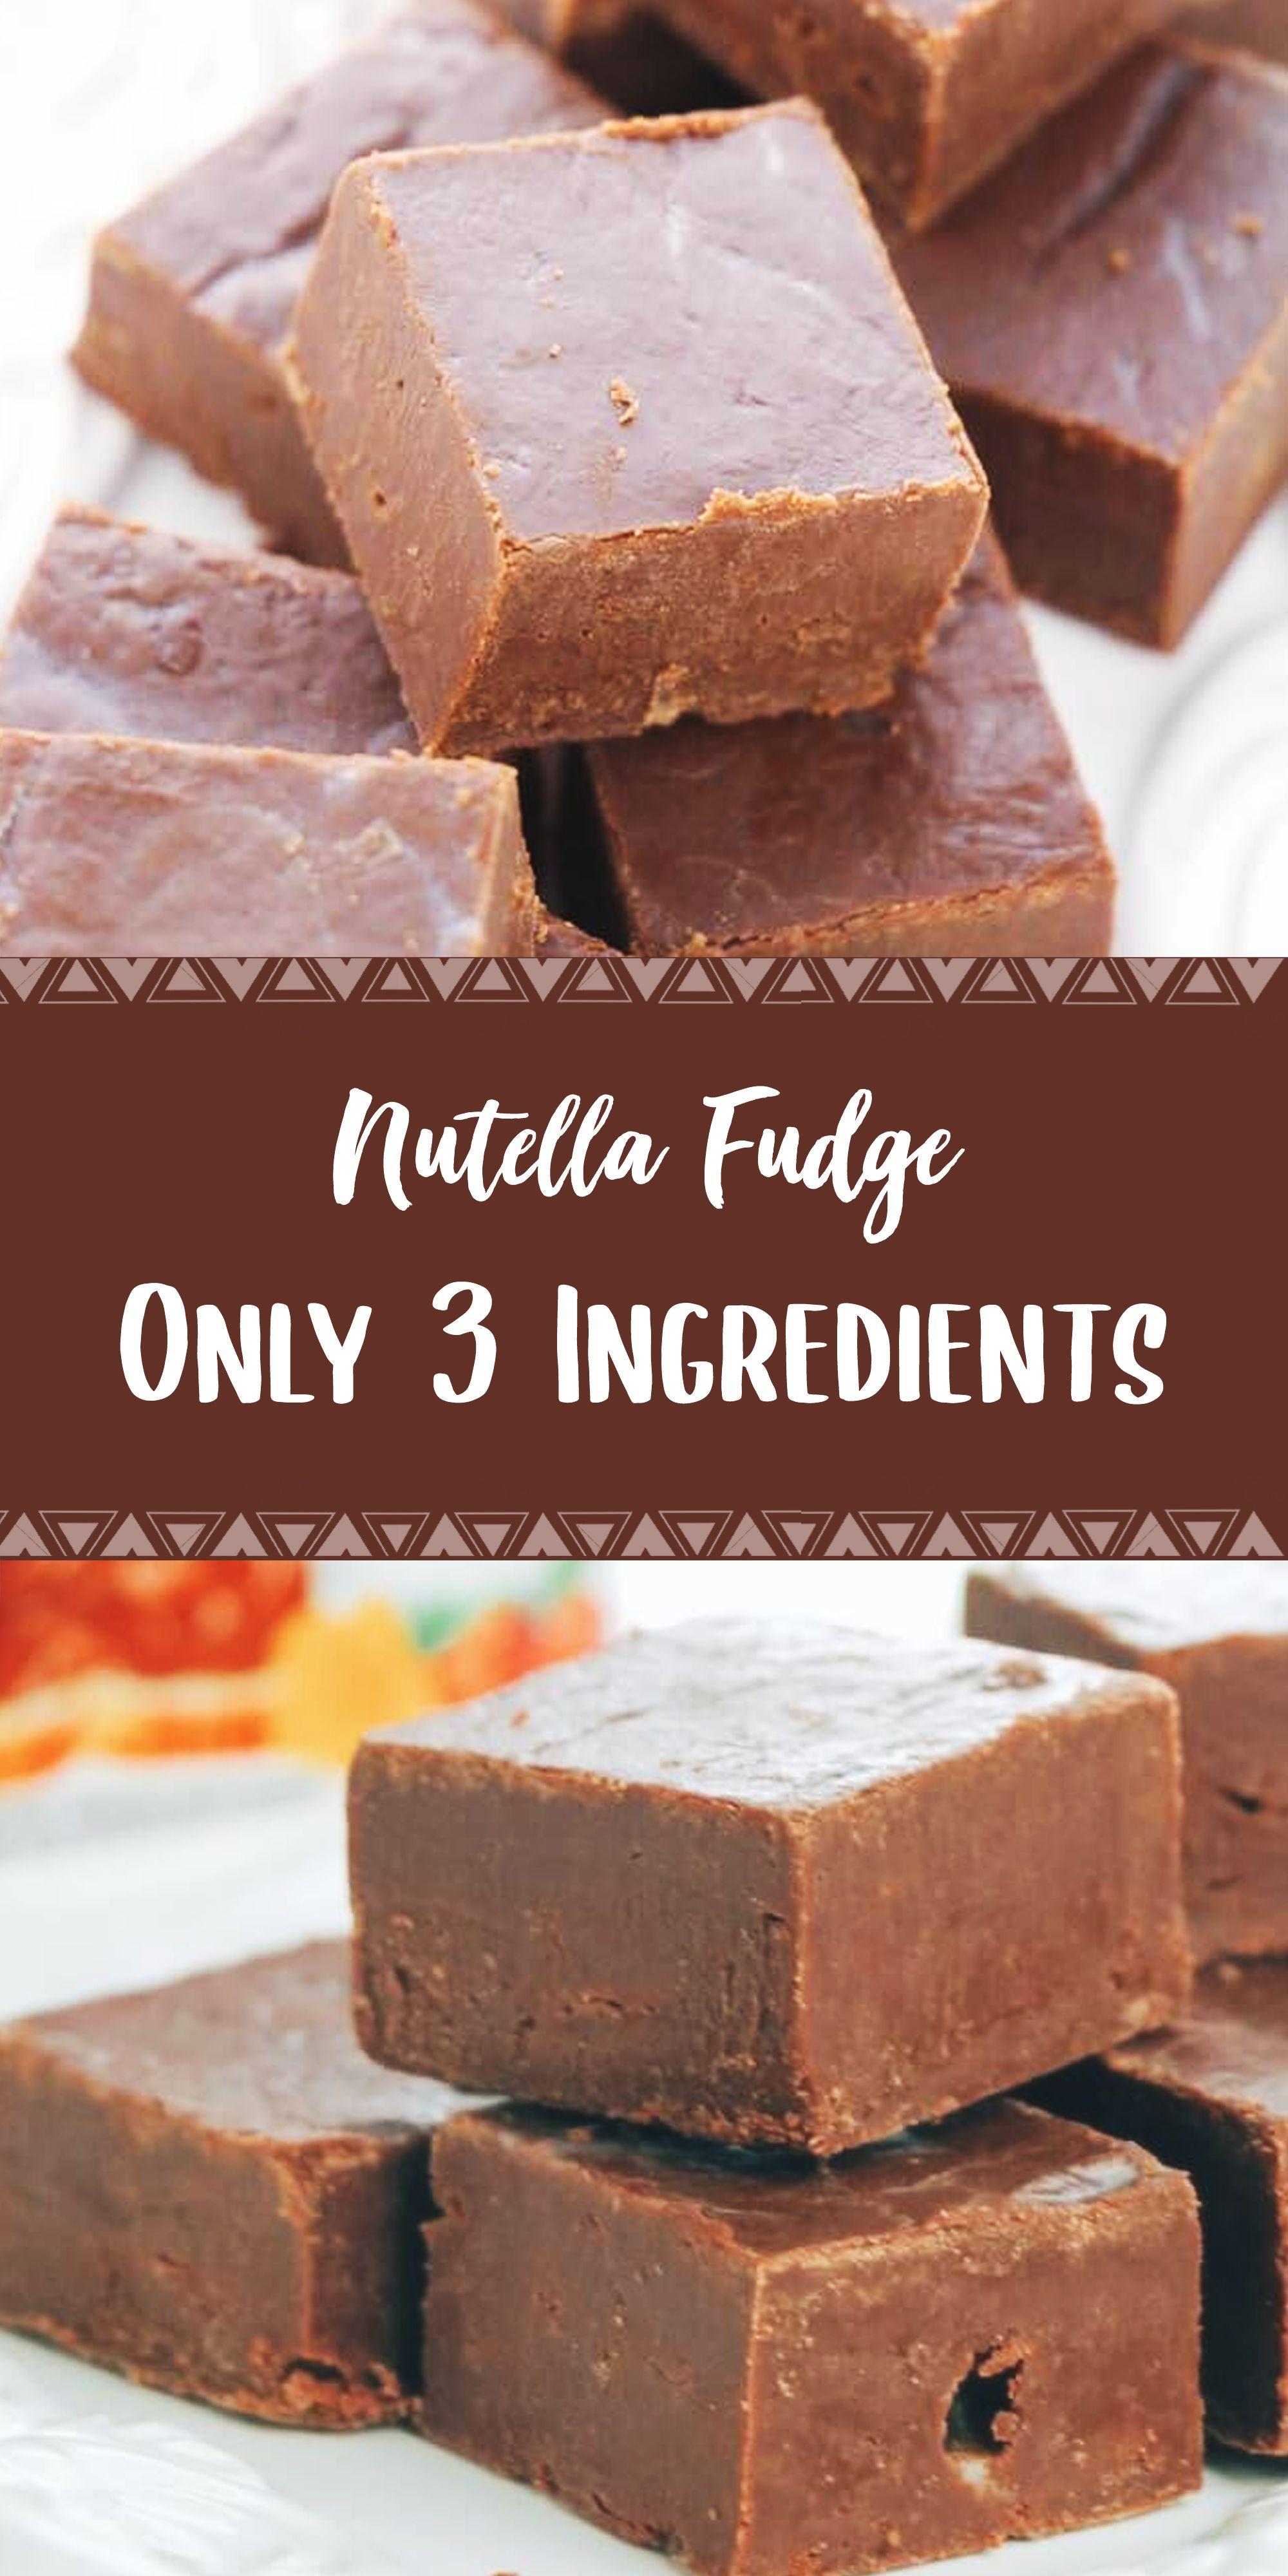 Nutella Fudge Only 3 Ingredients Yummy Food Dessert Best Dessert Recipes Desserts